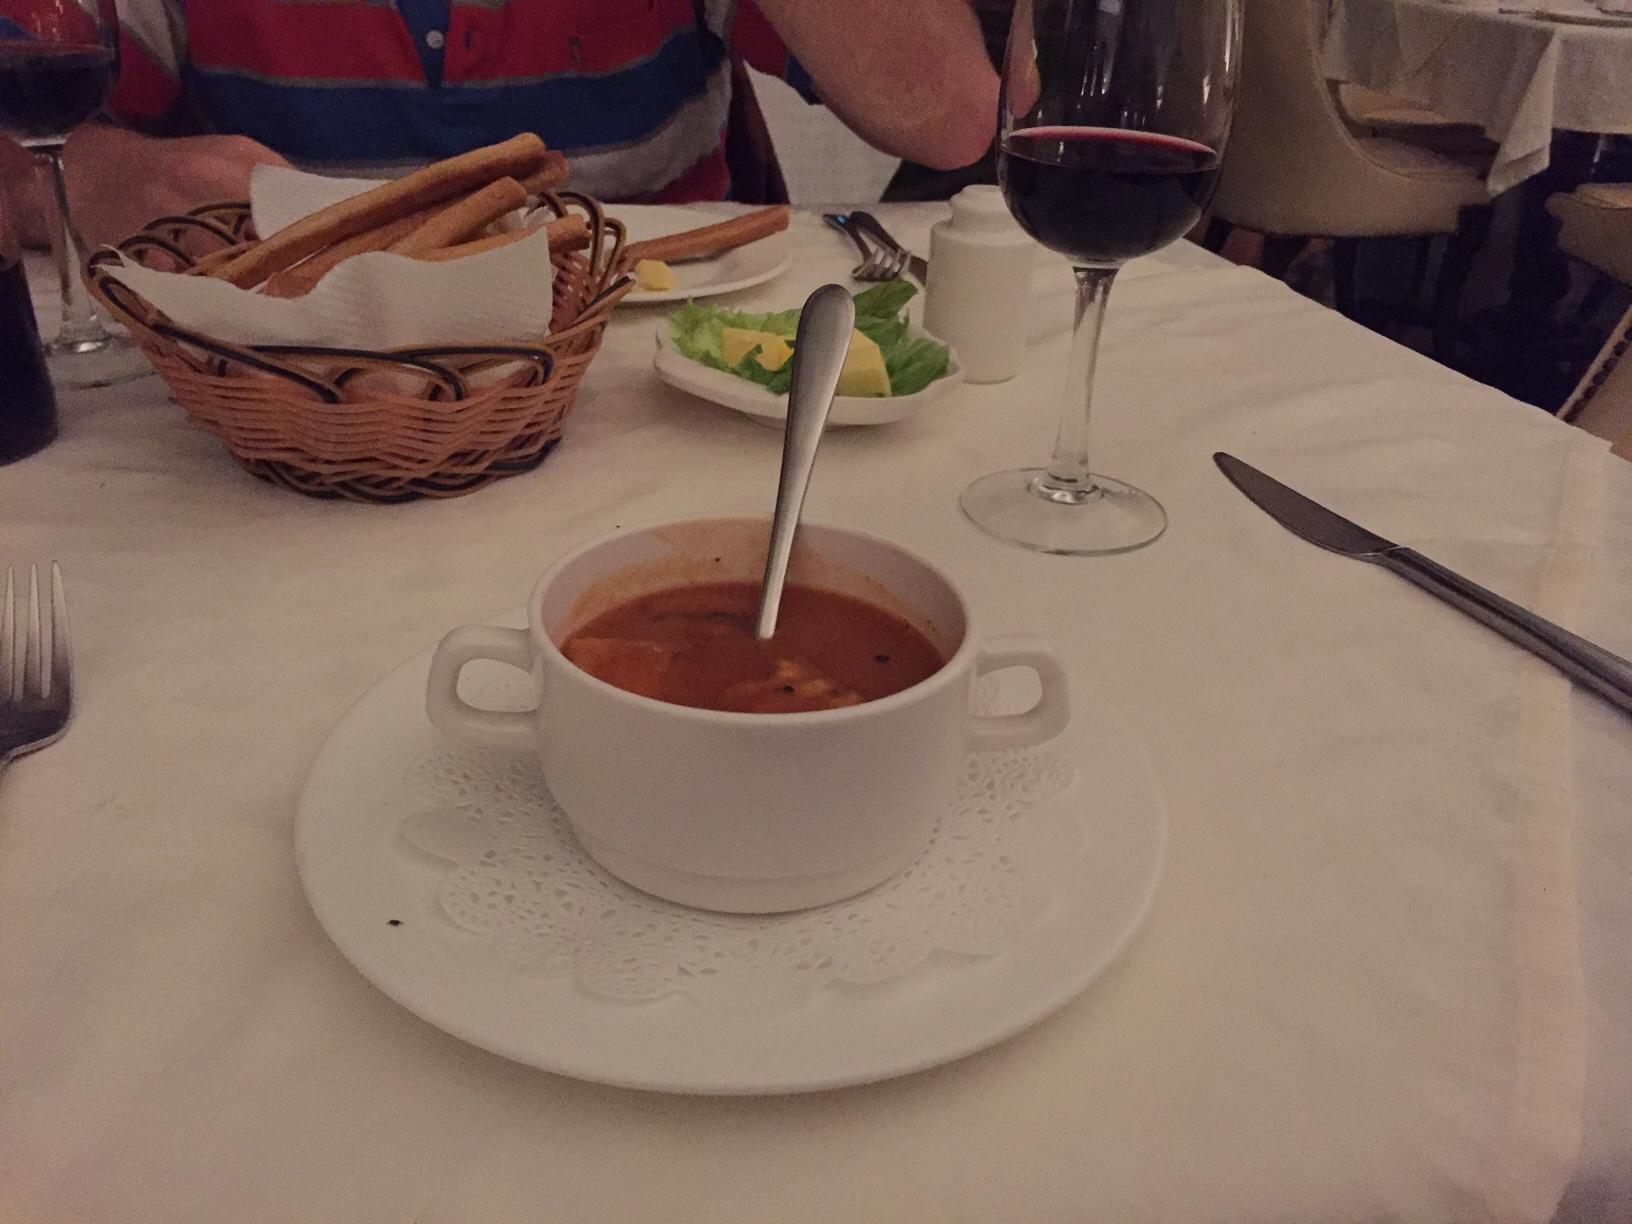 I do so adore a good tomato soup.